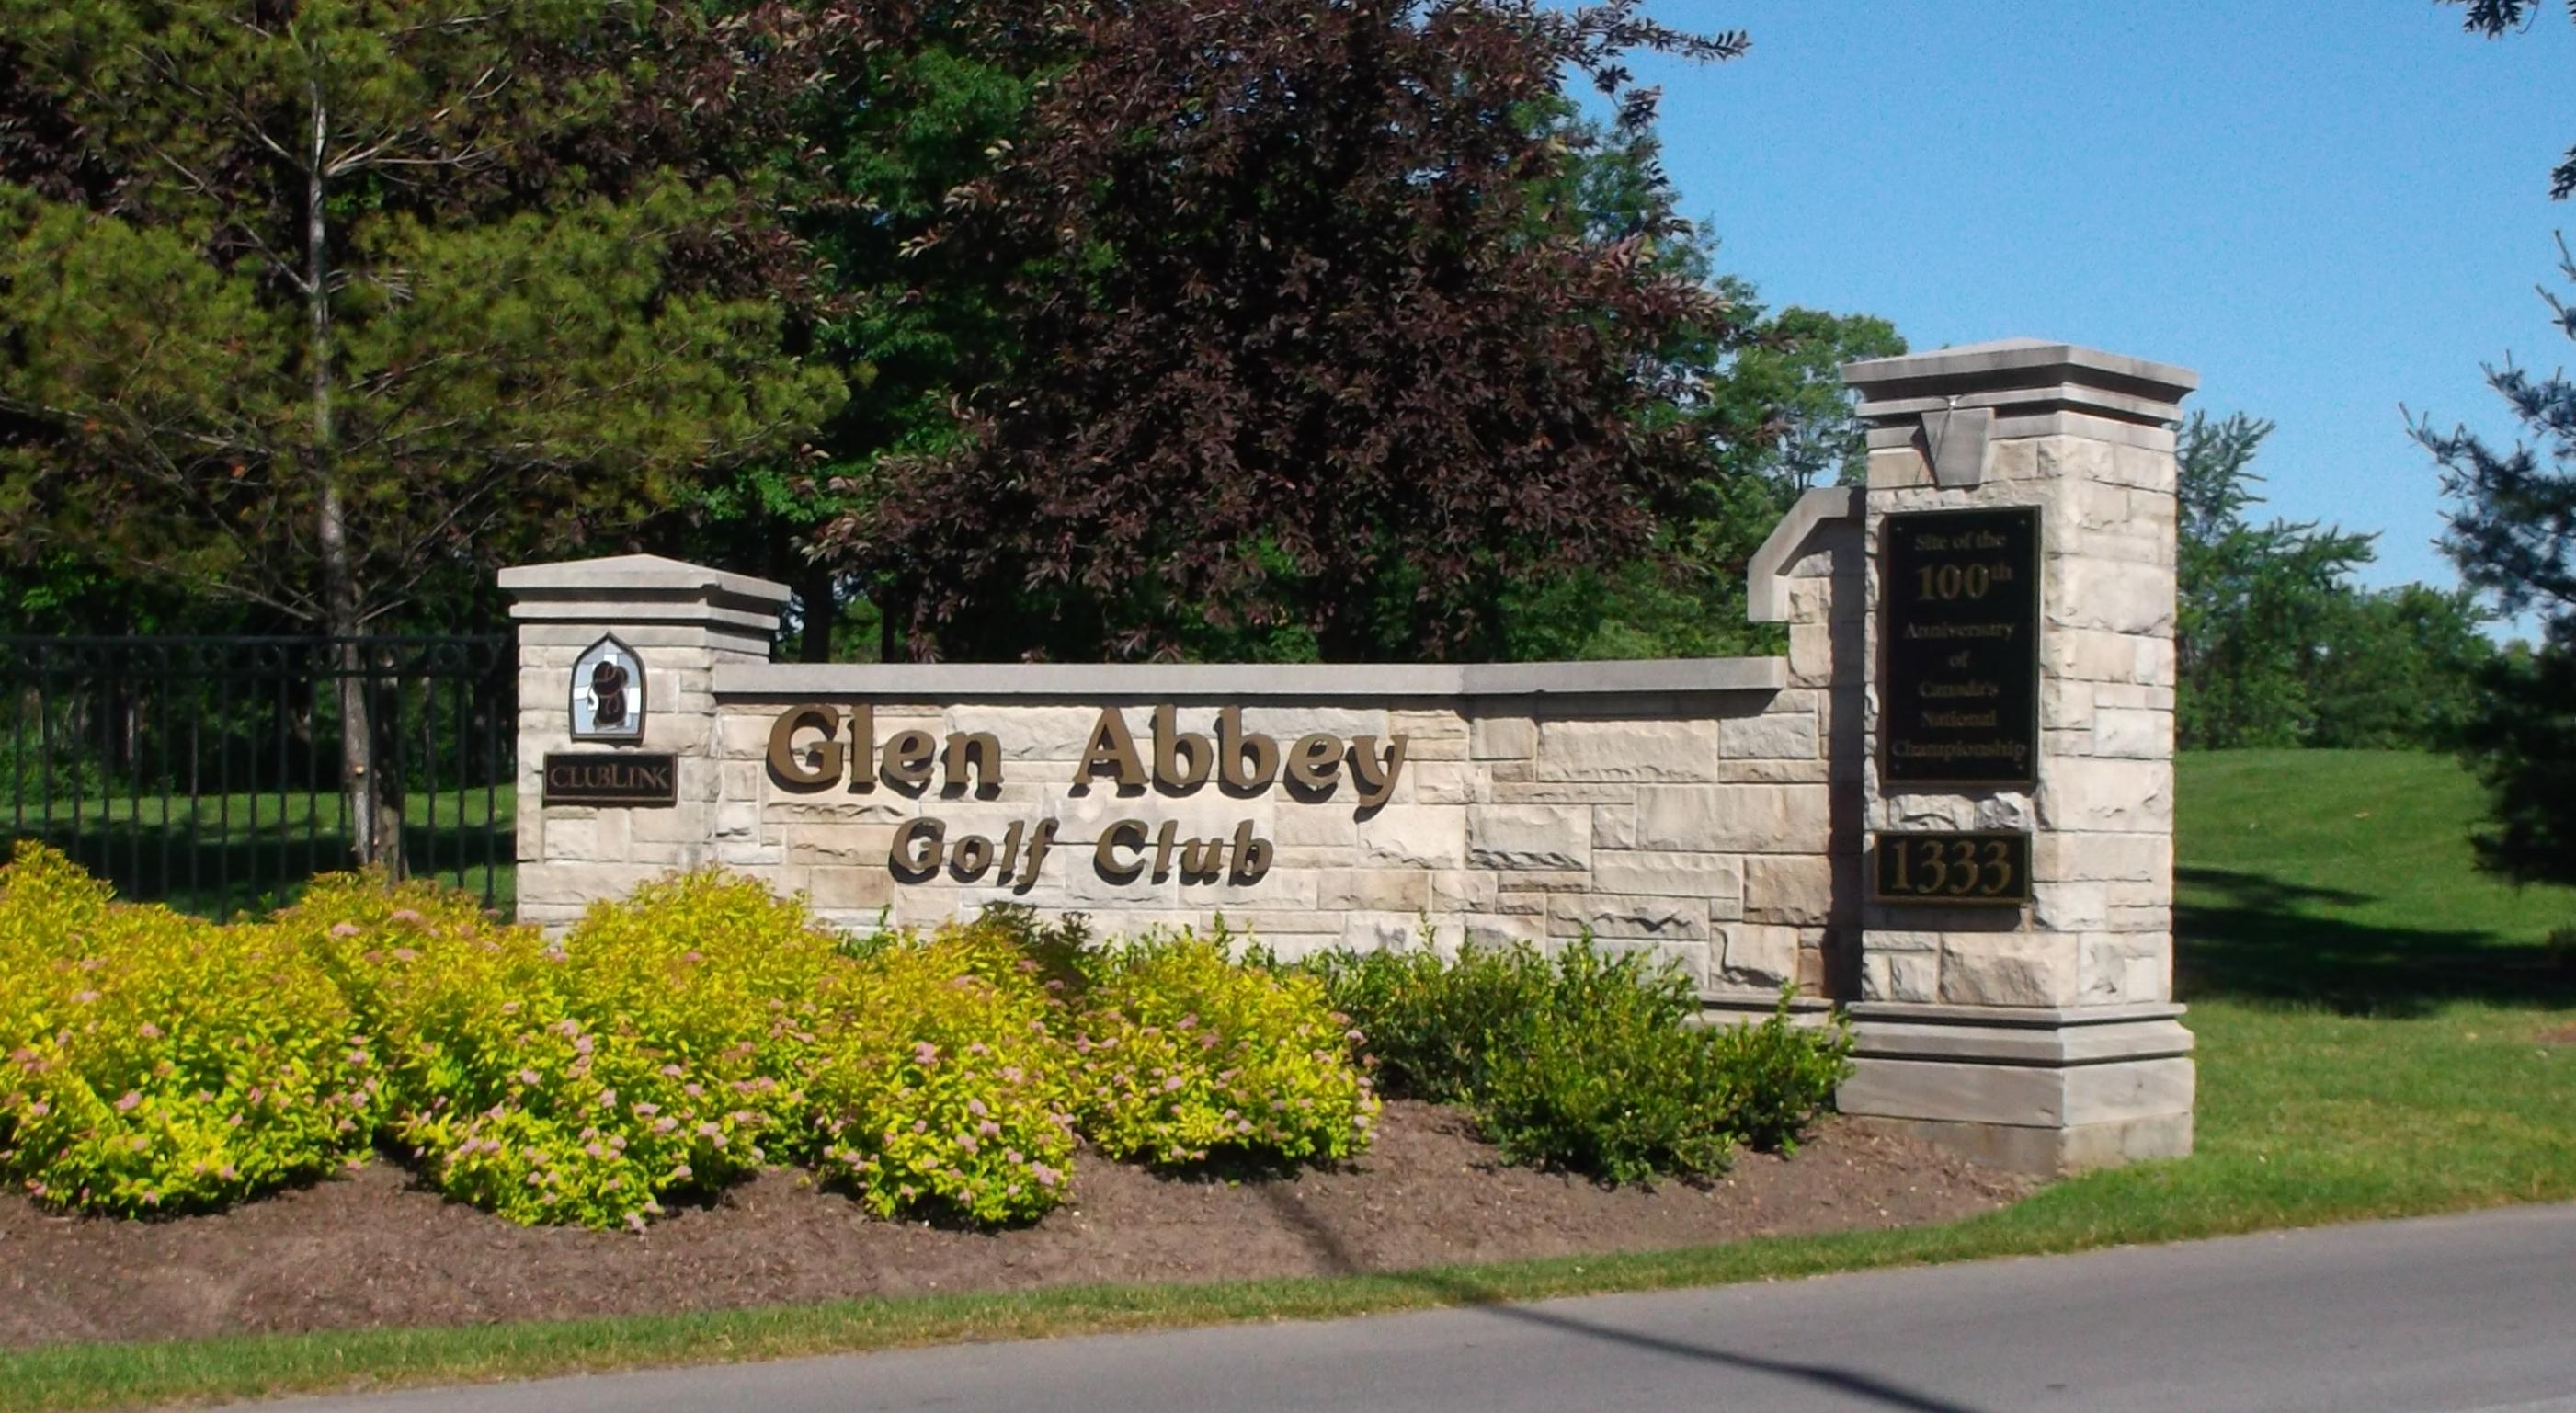 glen abbey golf club the grateful golfer